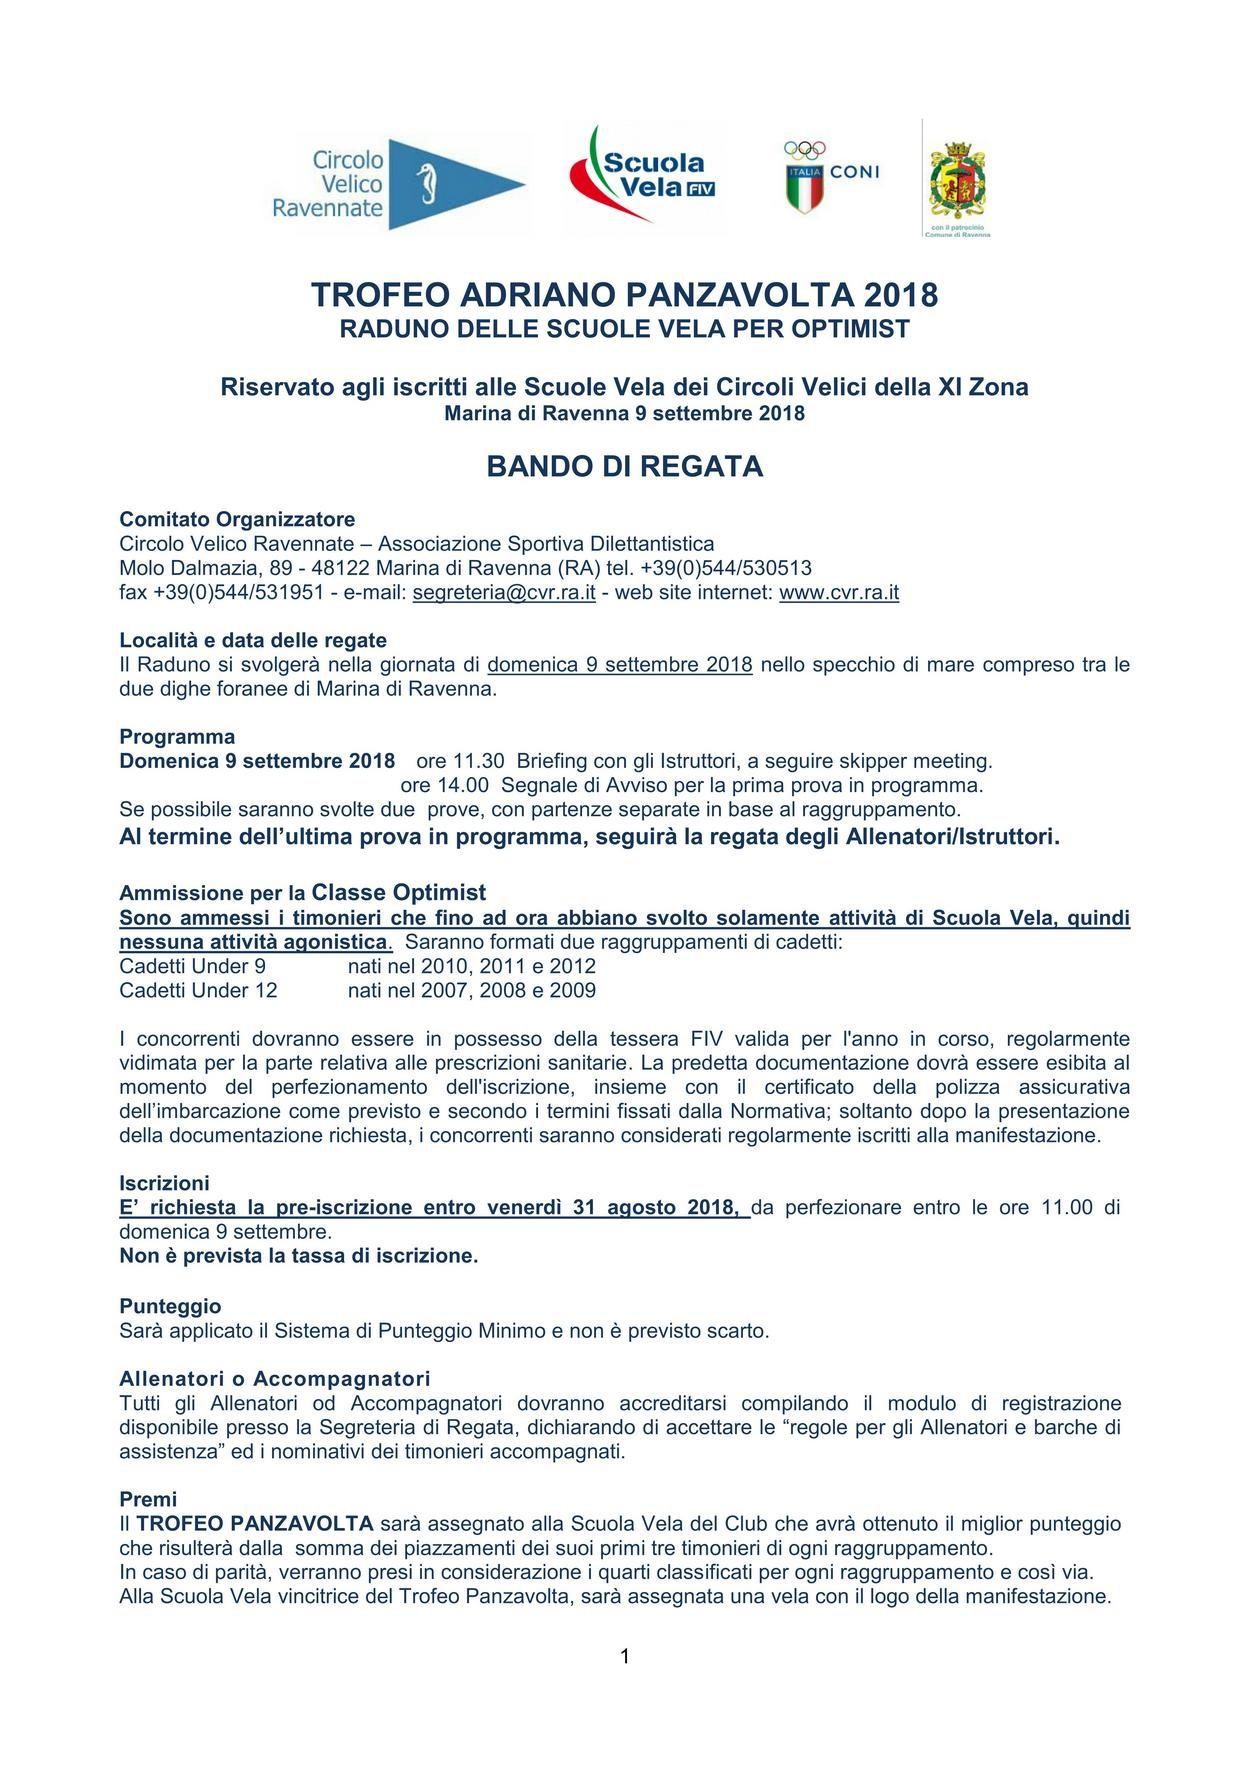 Calendario Serie A 2019 Da Stampare Más Caliente Trofeo Panzavolta 2018 – Circolo Velico Ravennate